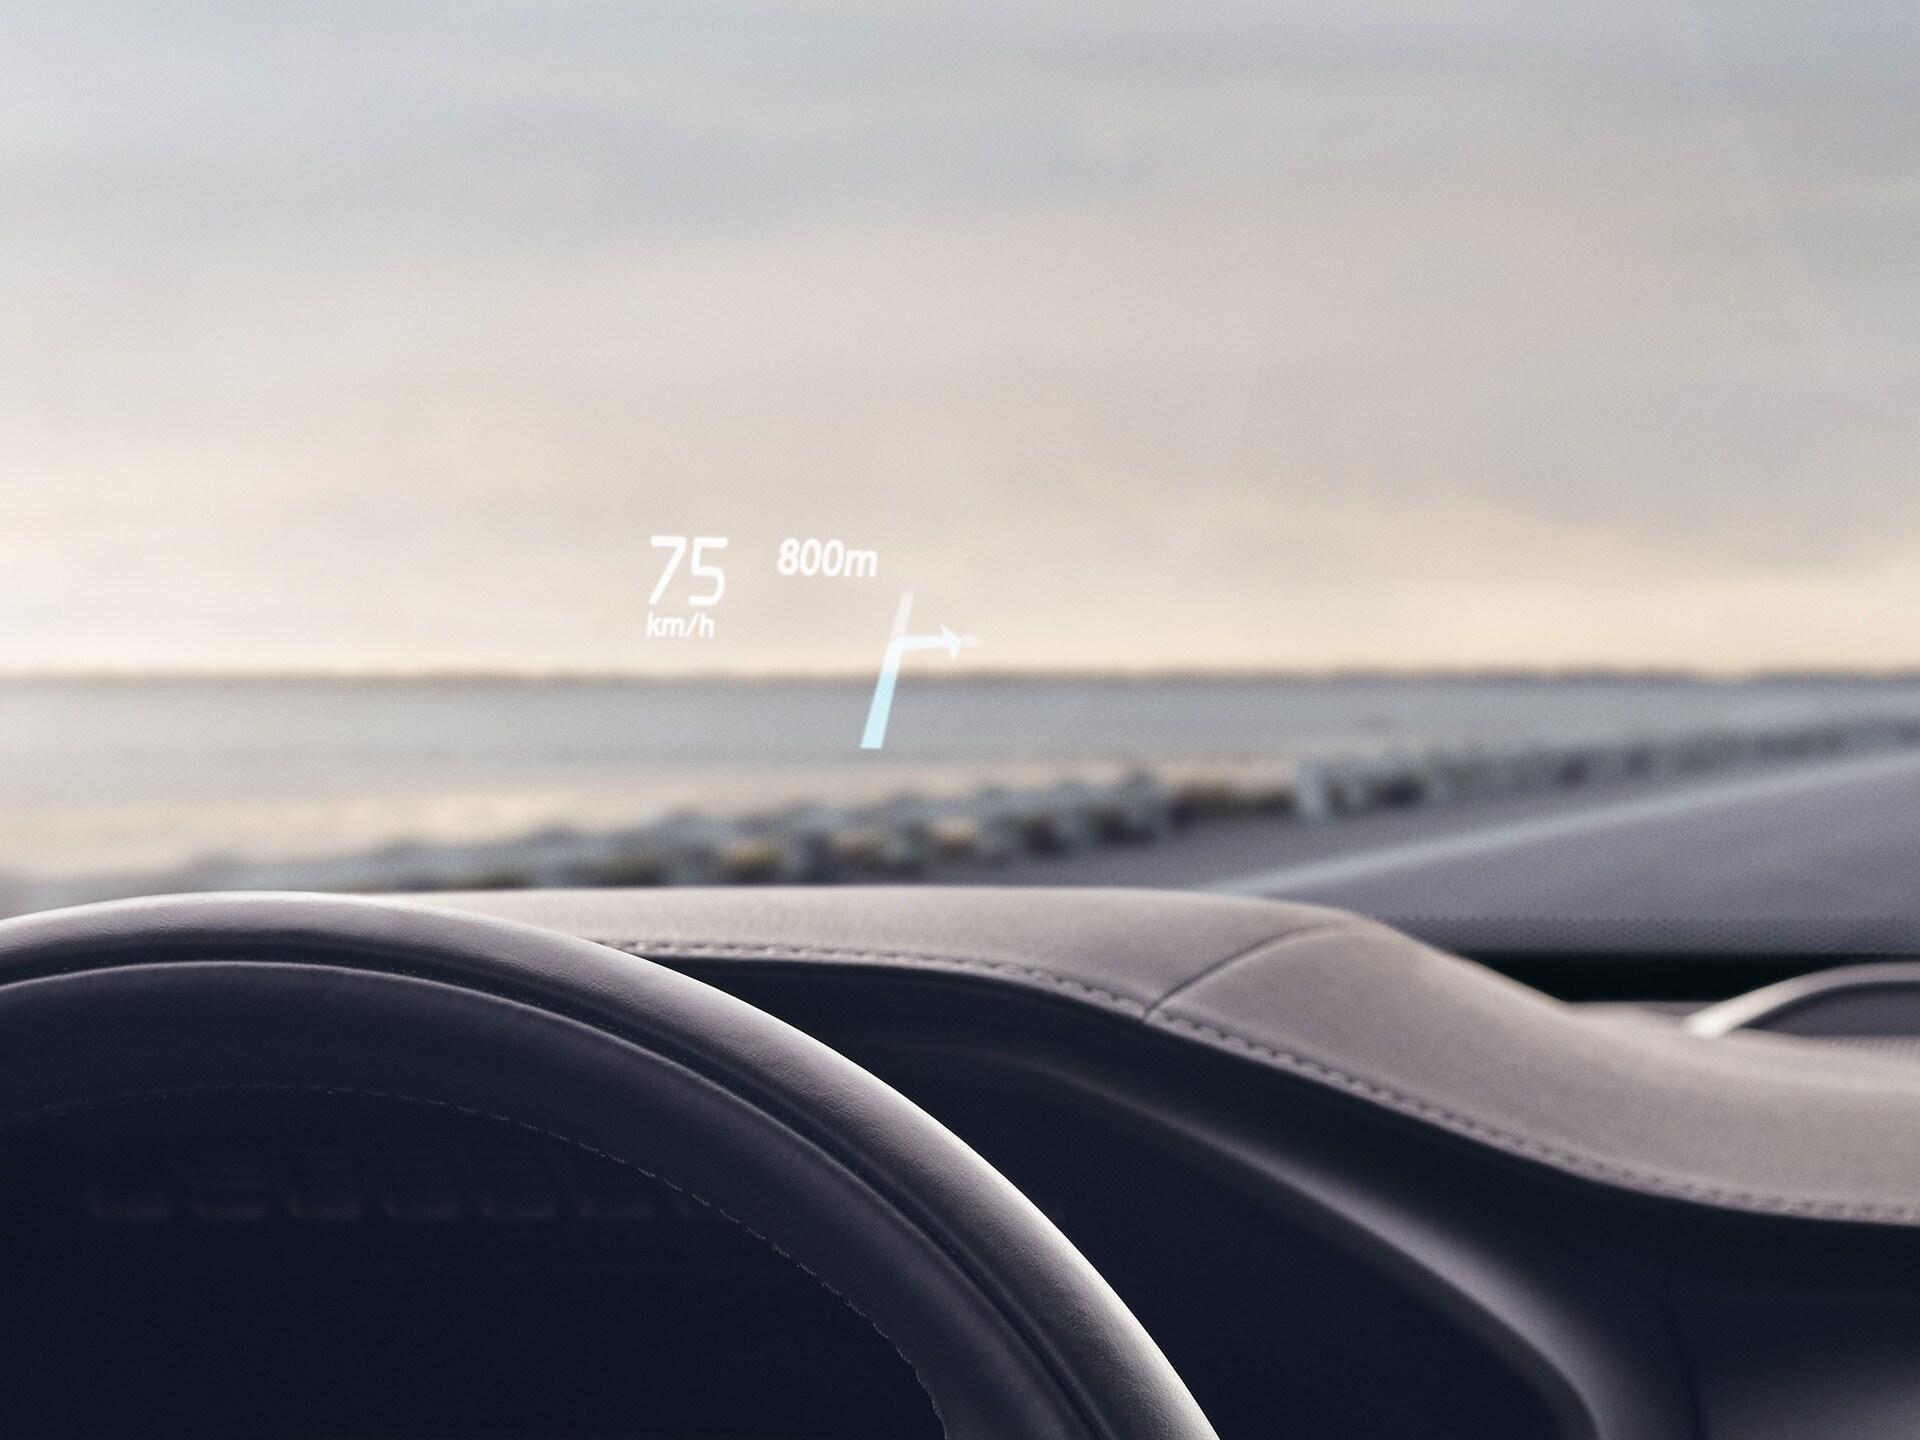 Notranjost Volva, hitrost vožnje je prikazana na vetrobranskem steklu